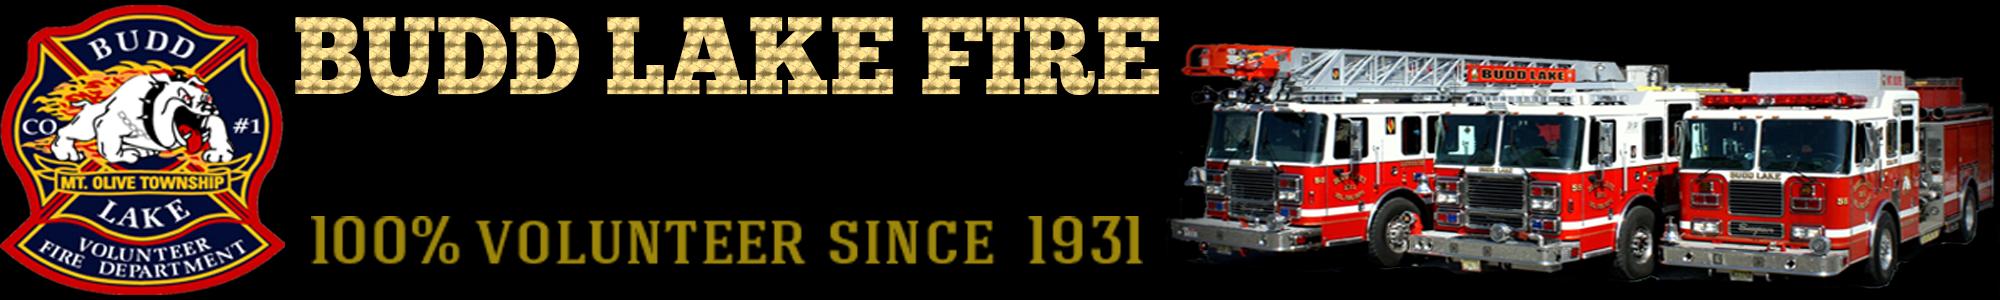 Budd Lake Fire Department